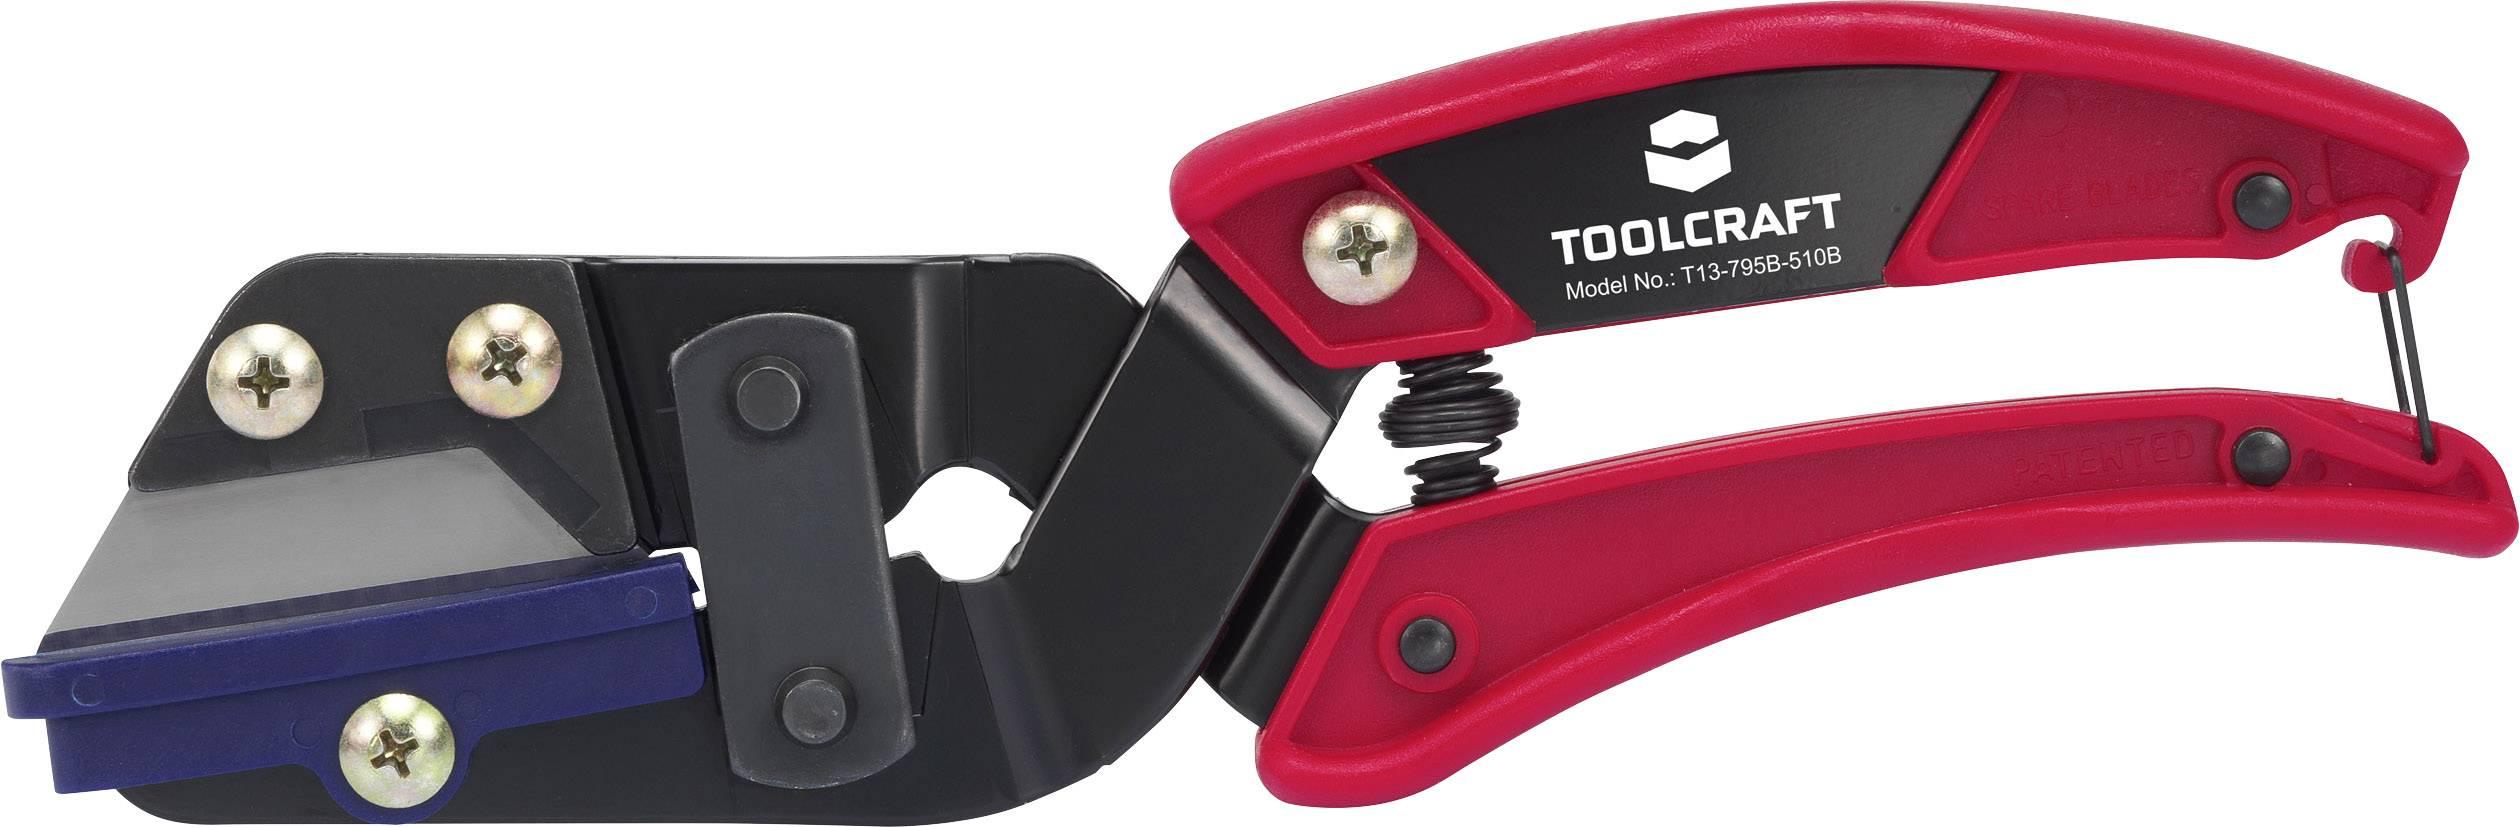 Nůžky na kabelové lišty a kanály TOOLCRAFT 1553062, 245 mm